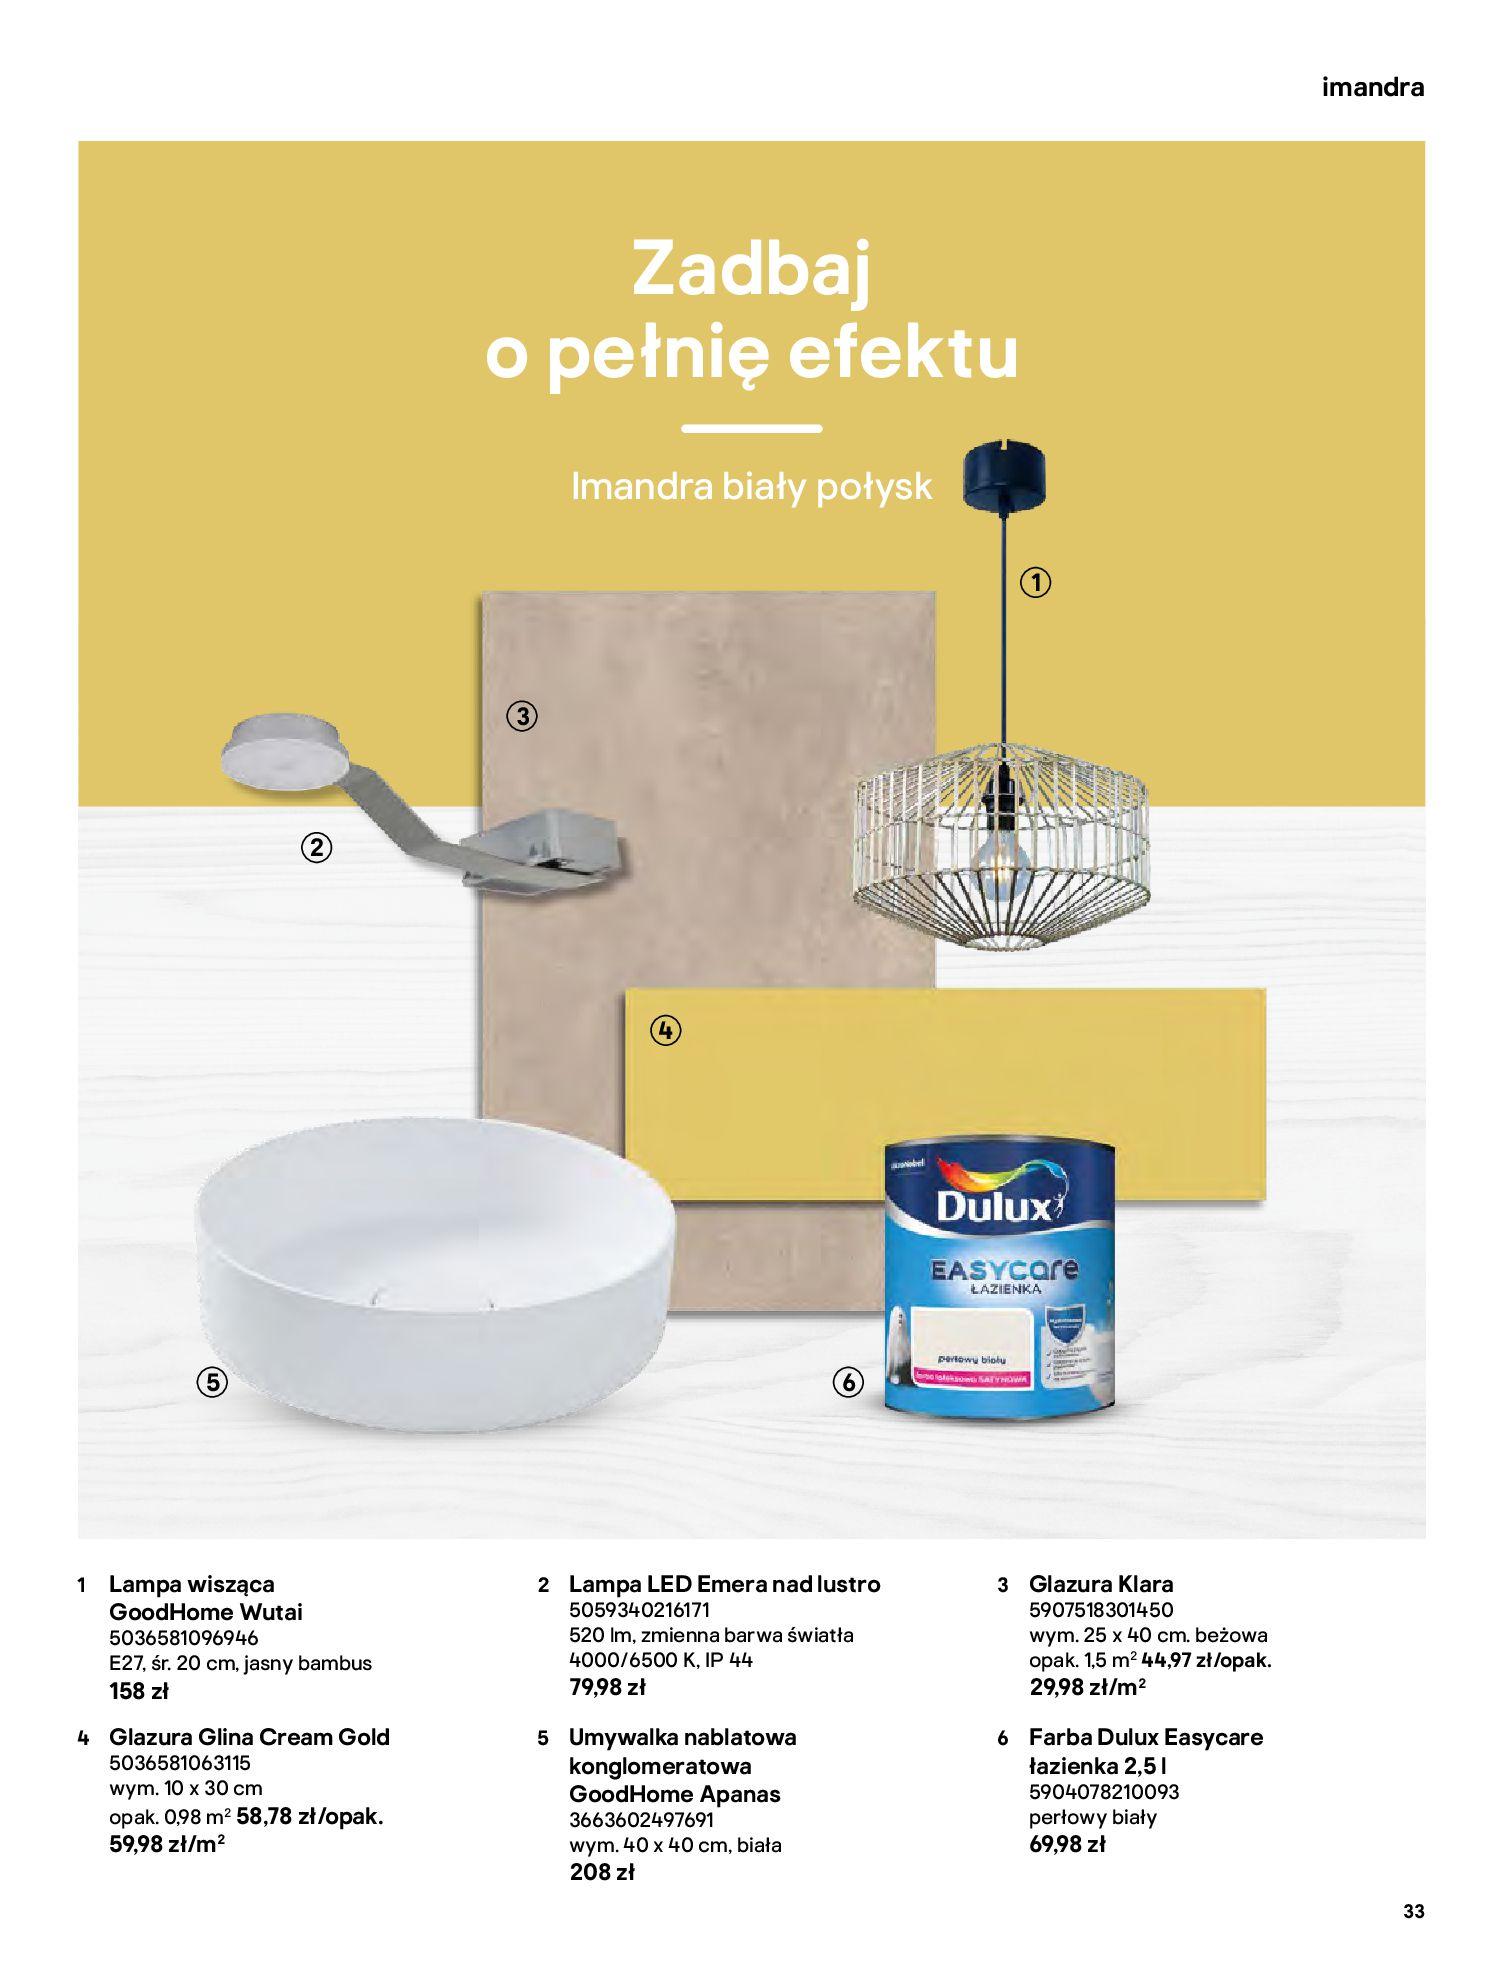 Gazetka Castorama: Gazetka Castorama - katalog łazienki 2021 2021-06-16 page-33